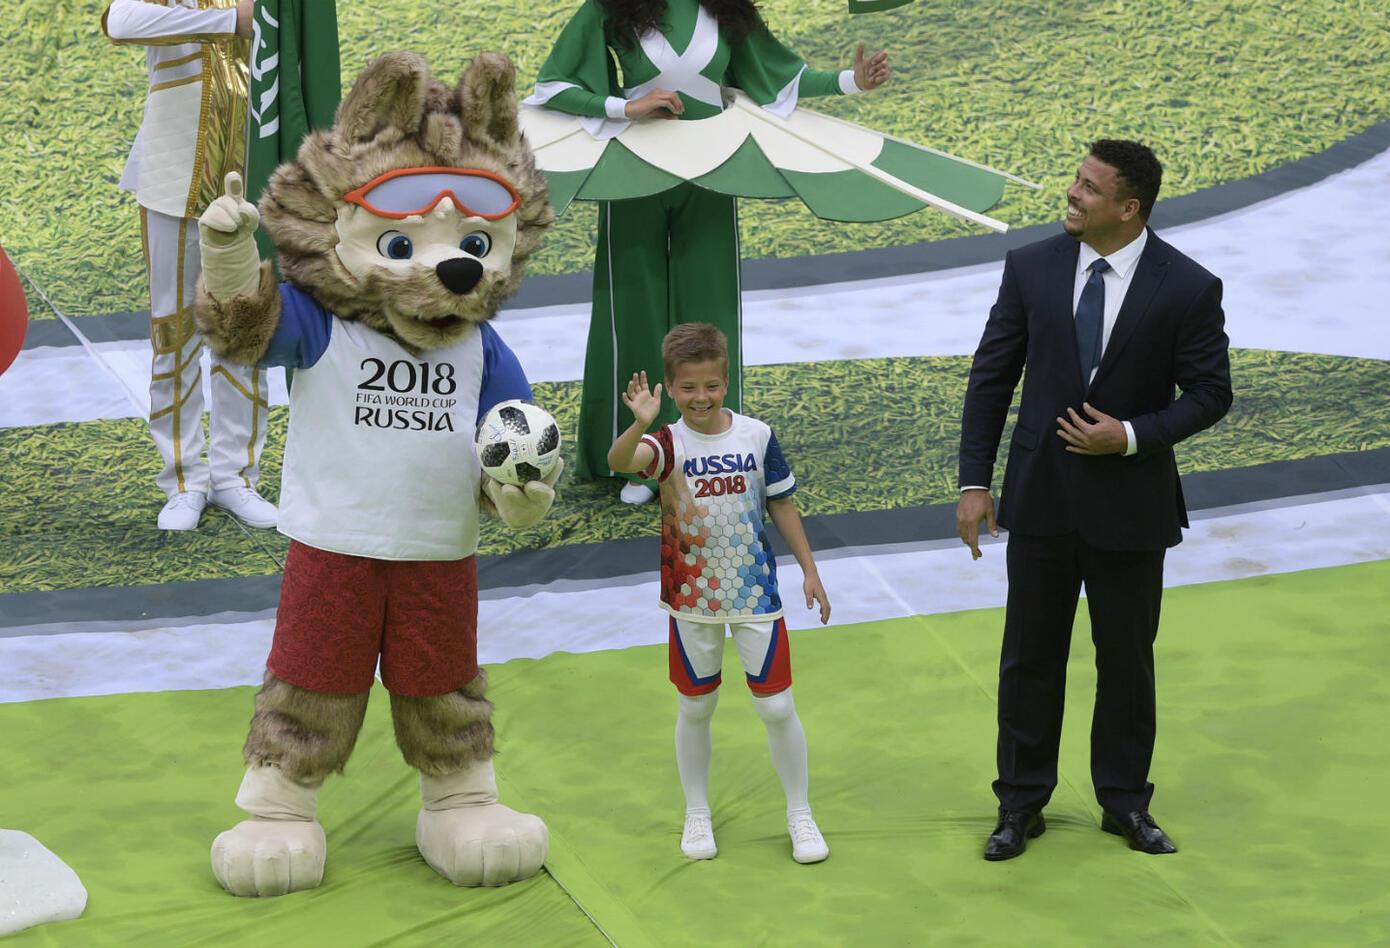 Así fue la inauguración del Mundial de fútbol Rusia 2018